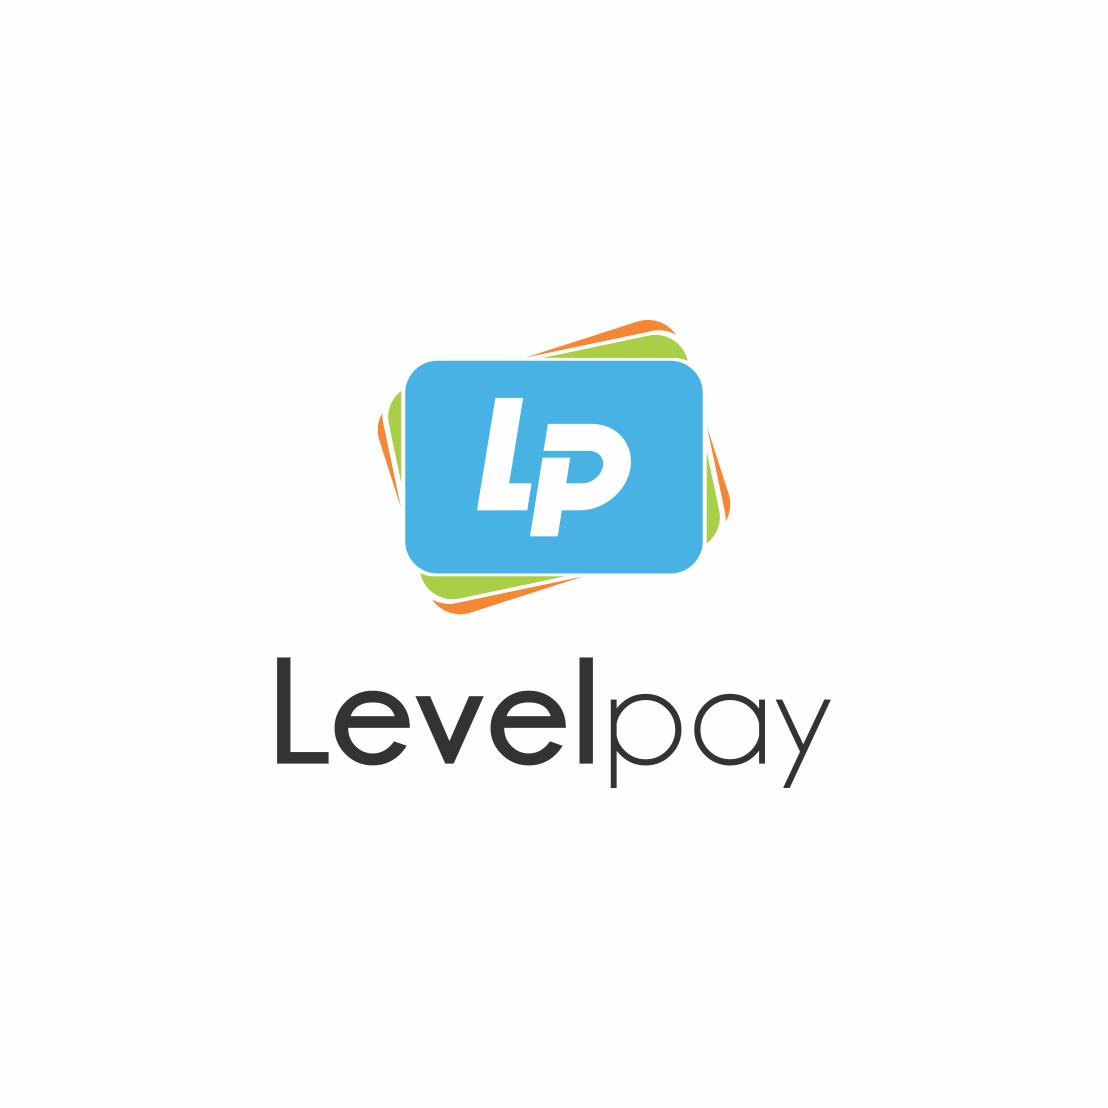 logo levelpay